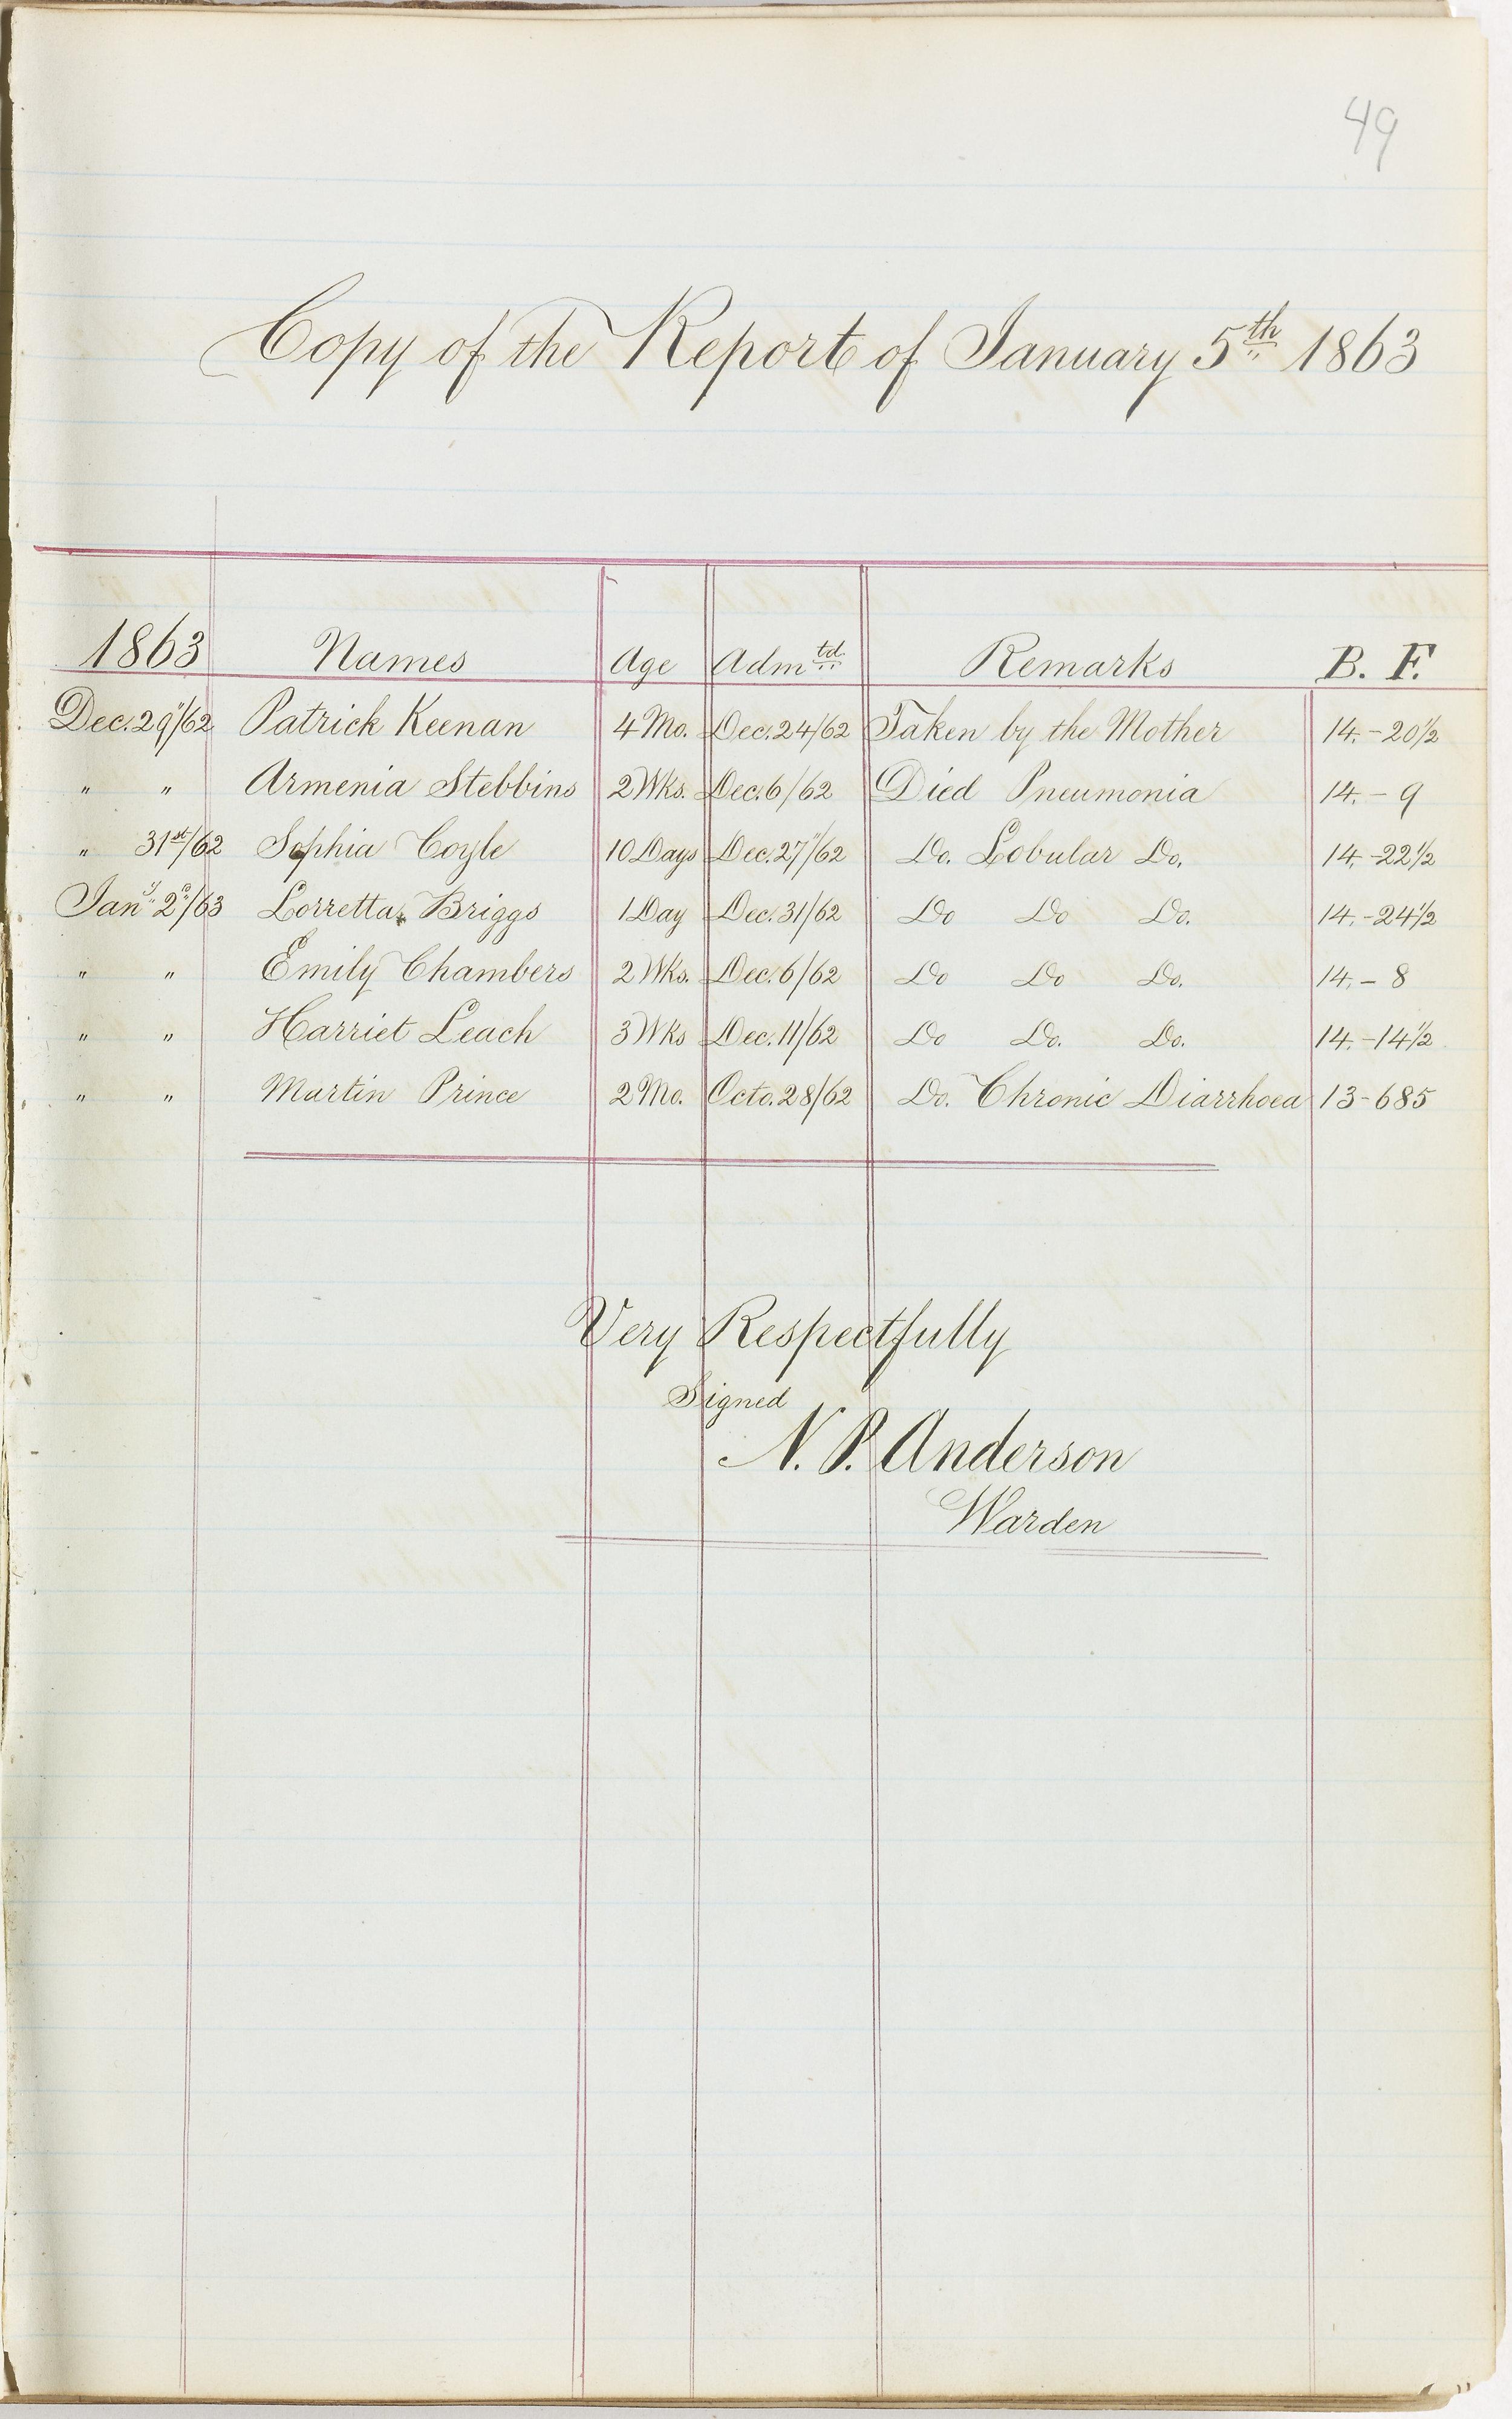 Children's Report, December 1862 –January 1863.